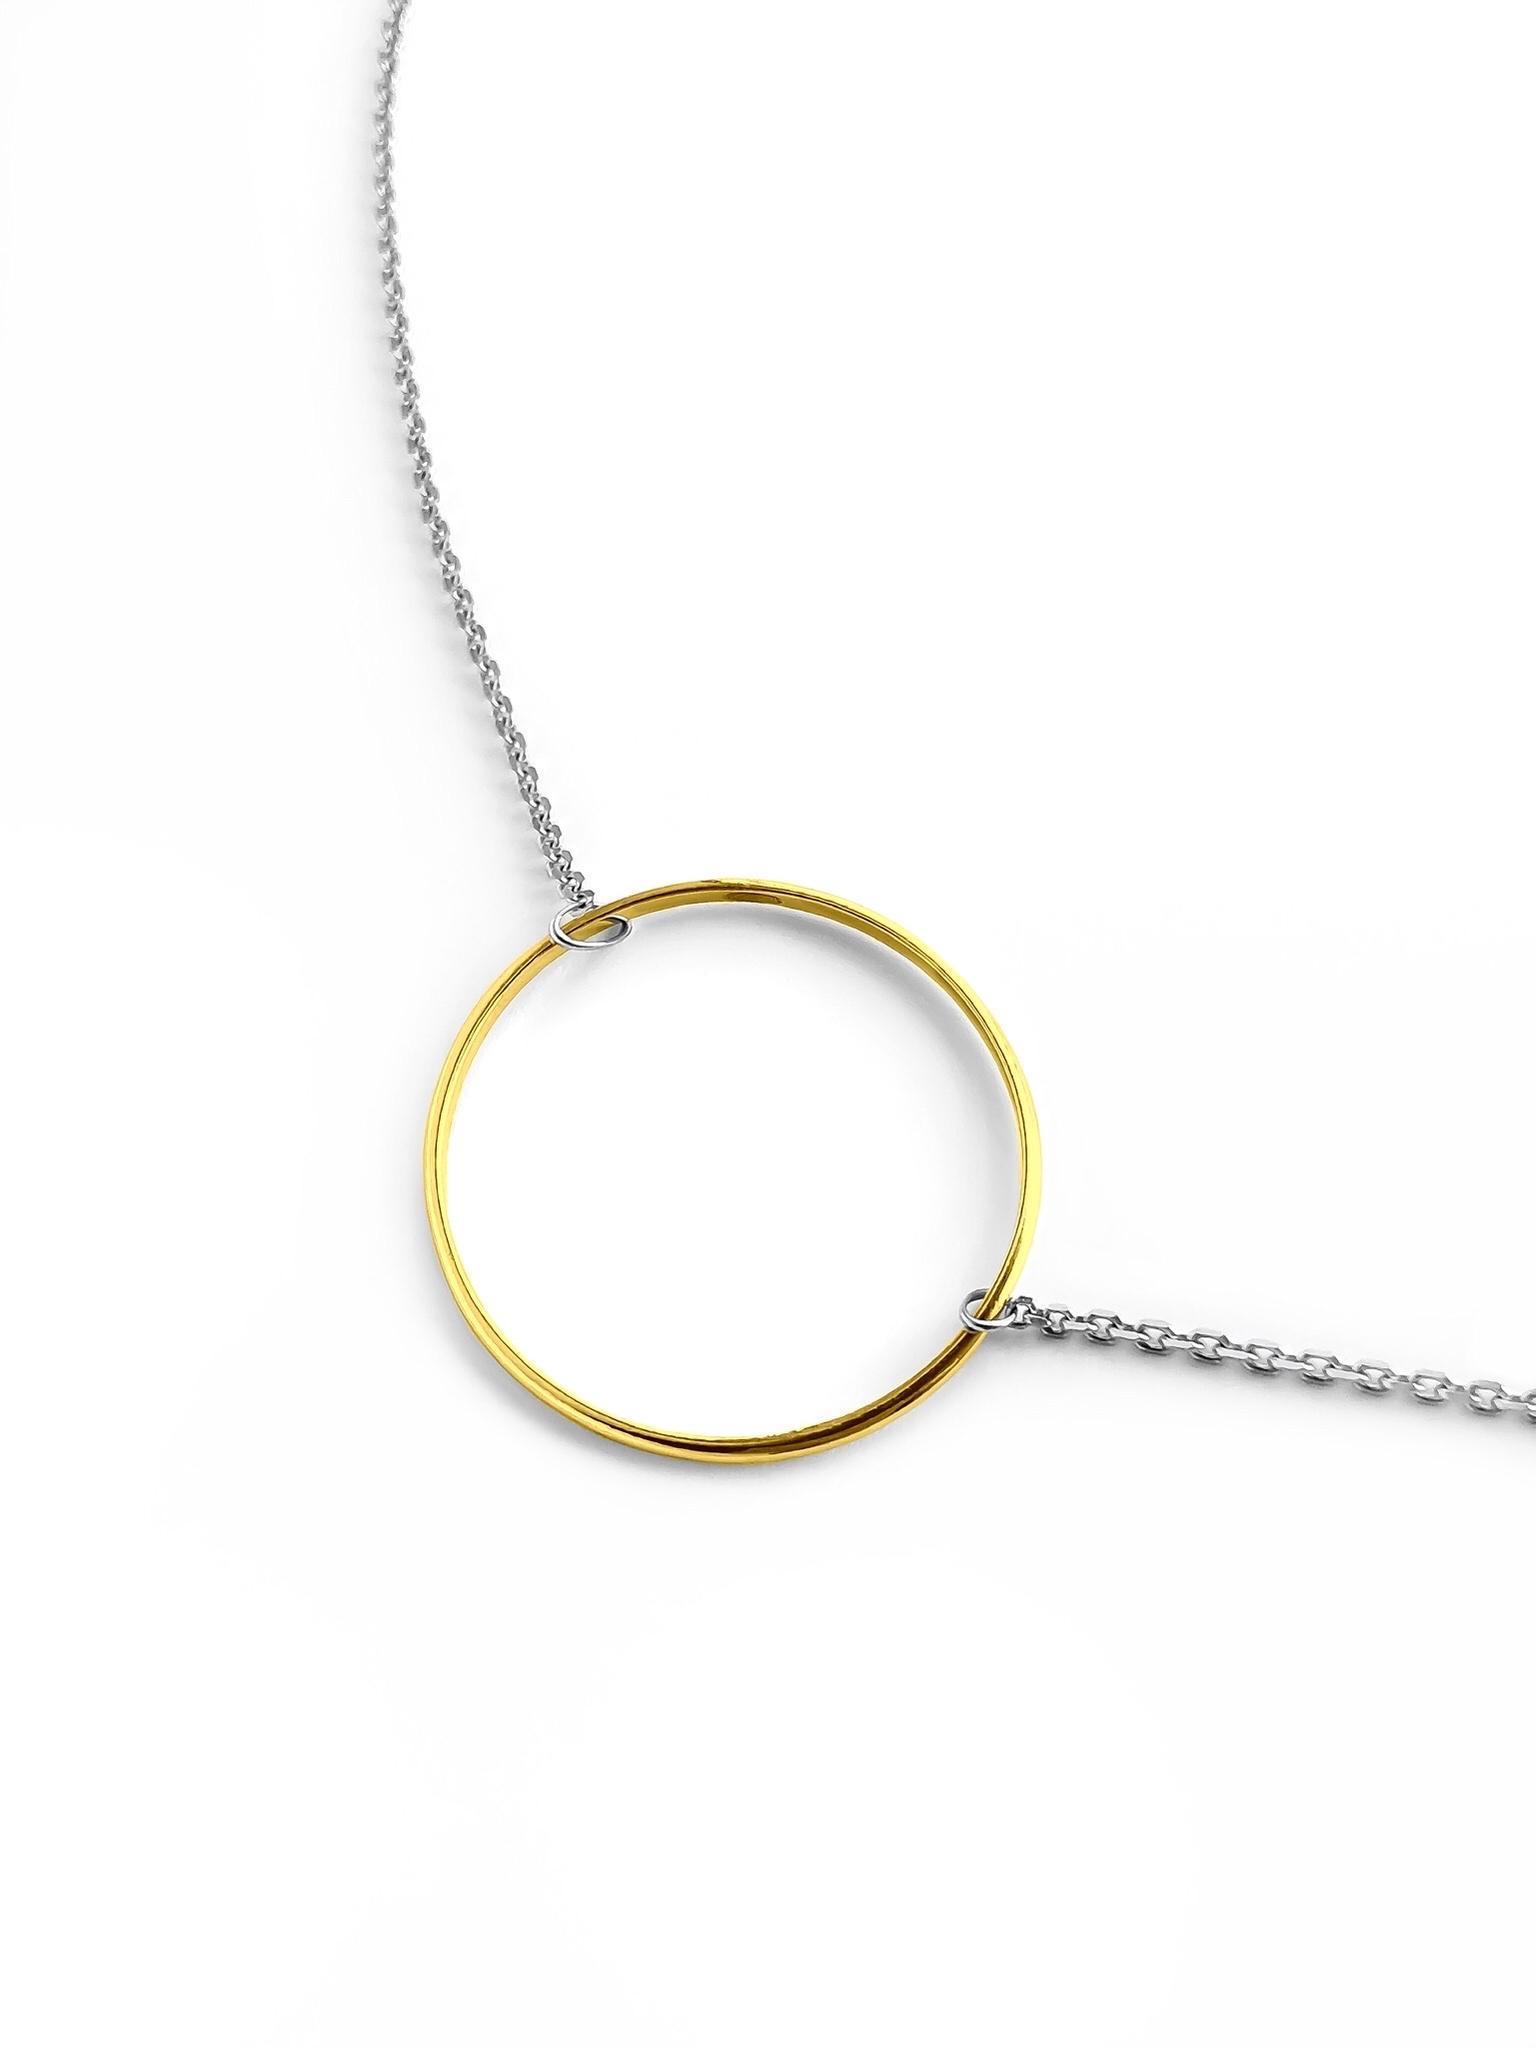 Серебряное колье с позолоченным кольцом, 30 мм